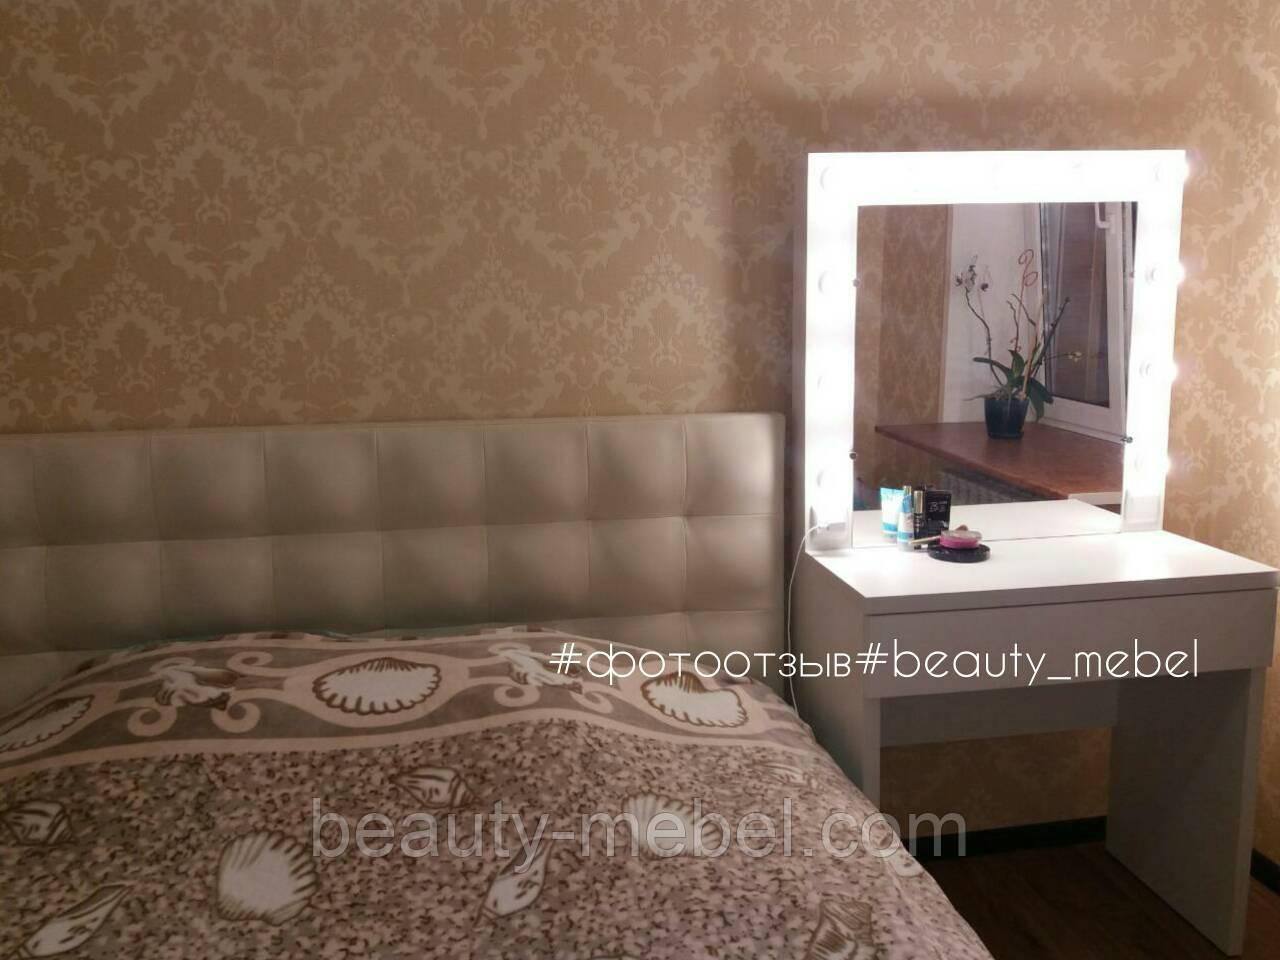 Стол для визажиста, туалетный столик , зеркало с подсветкой